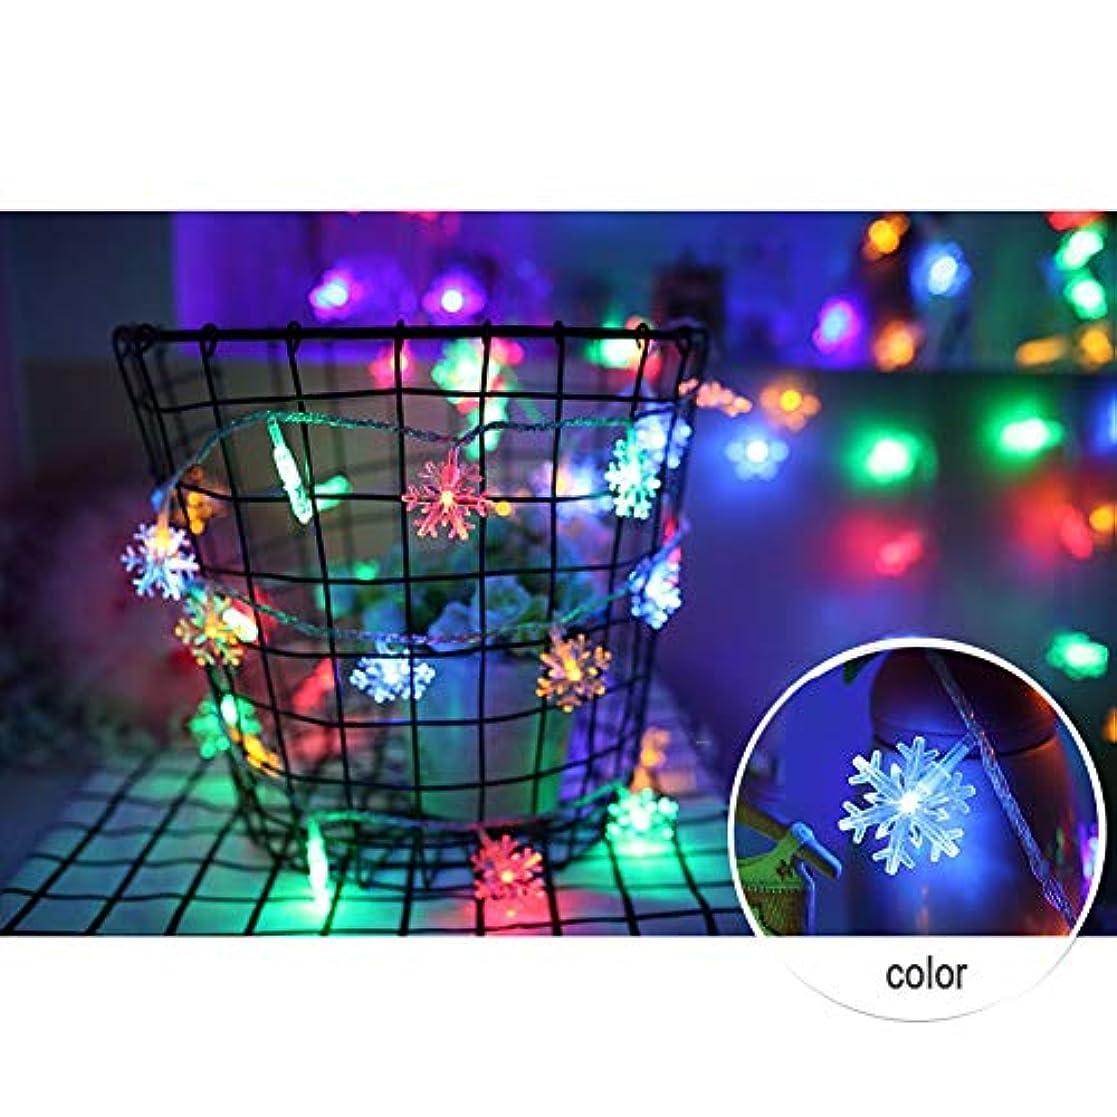 誠実さ原理スムーズに電池式 ストリングライト - 防雨型 スノーフレークLEDイルミネ ーションライト ロマンチックな雰囲気を作る屋外用 ワイヤーライト イルミネーションライト、庭、パティオ、バルコニ、ークリスマス